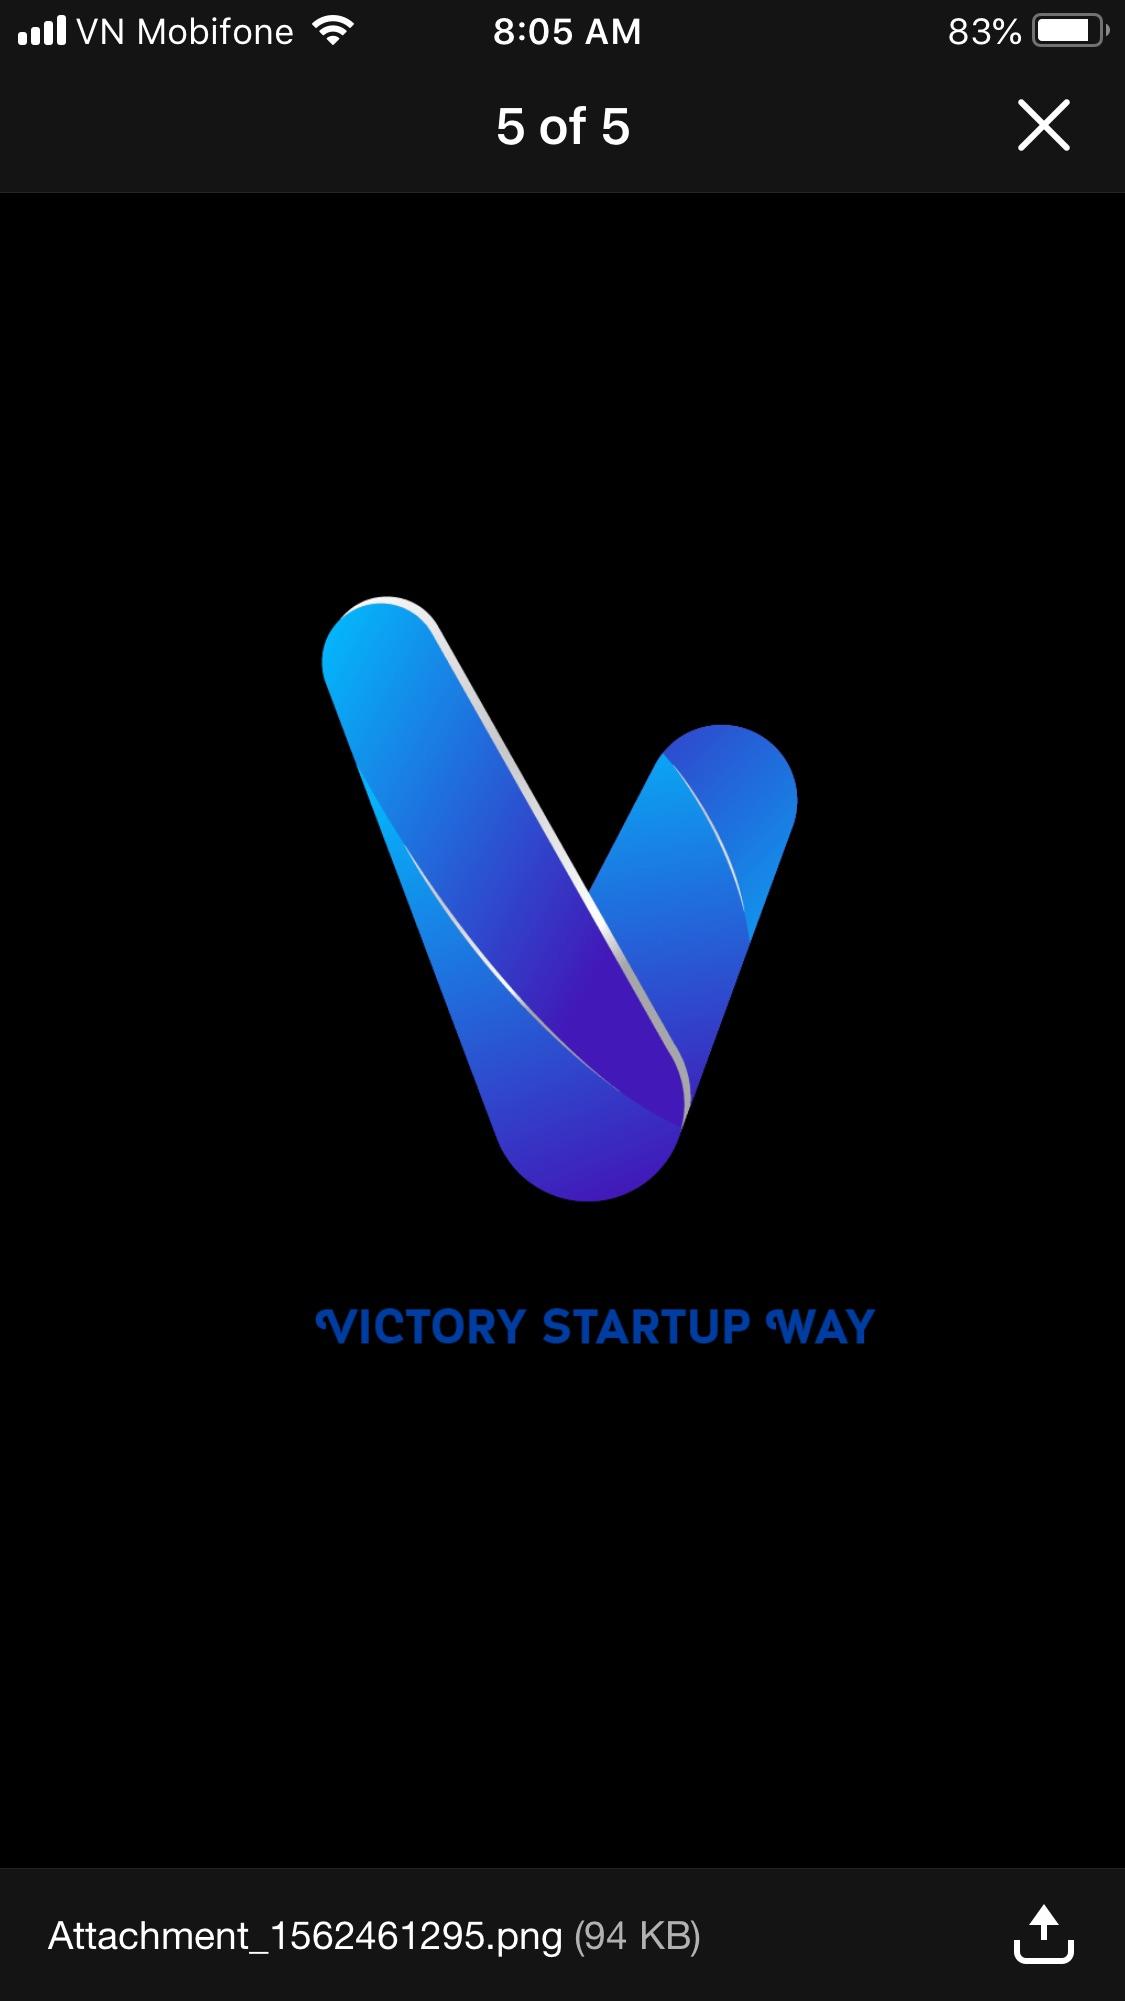 Công cụ khởi nghiệp - Tài liệu không thể thiếu cho các Startup